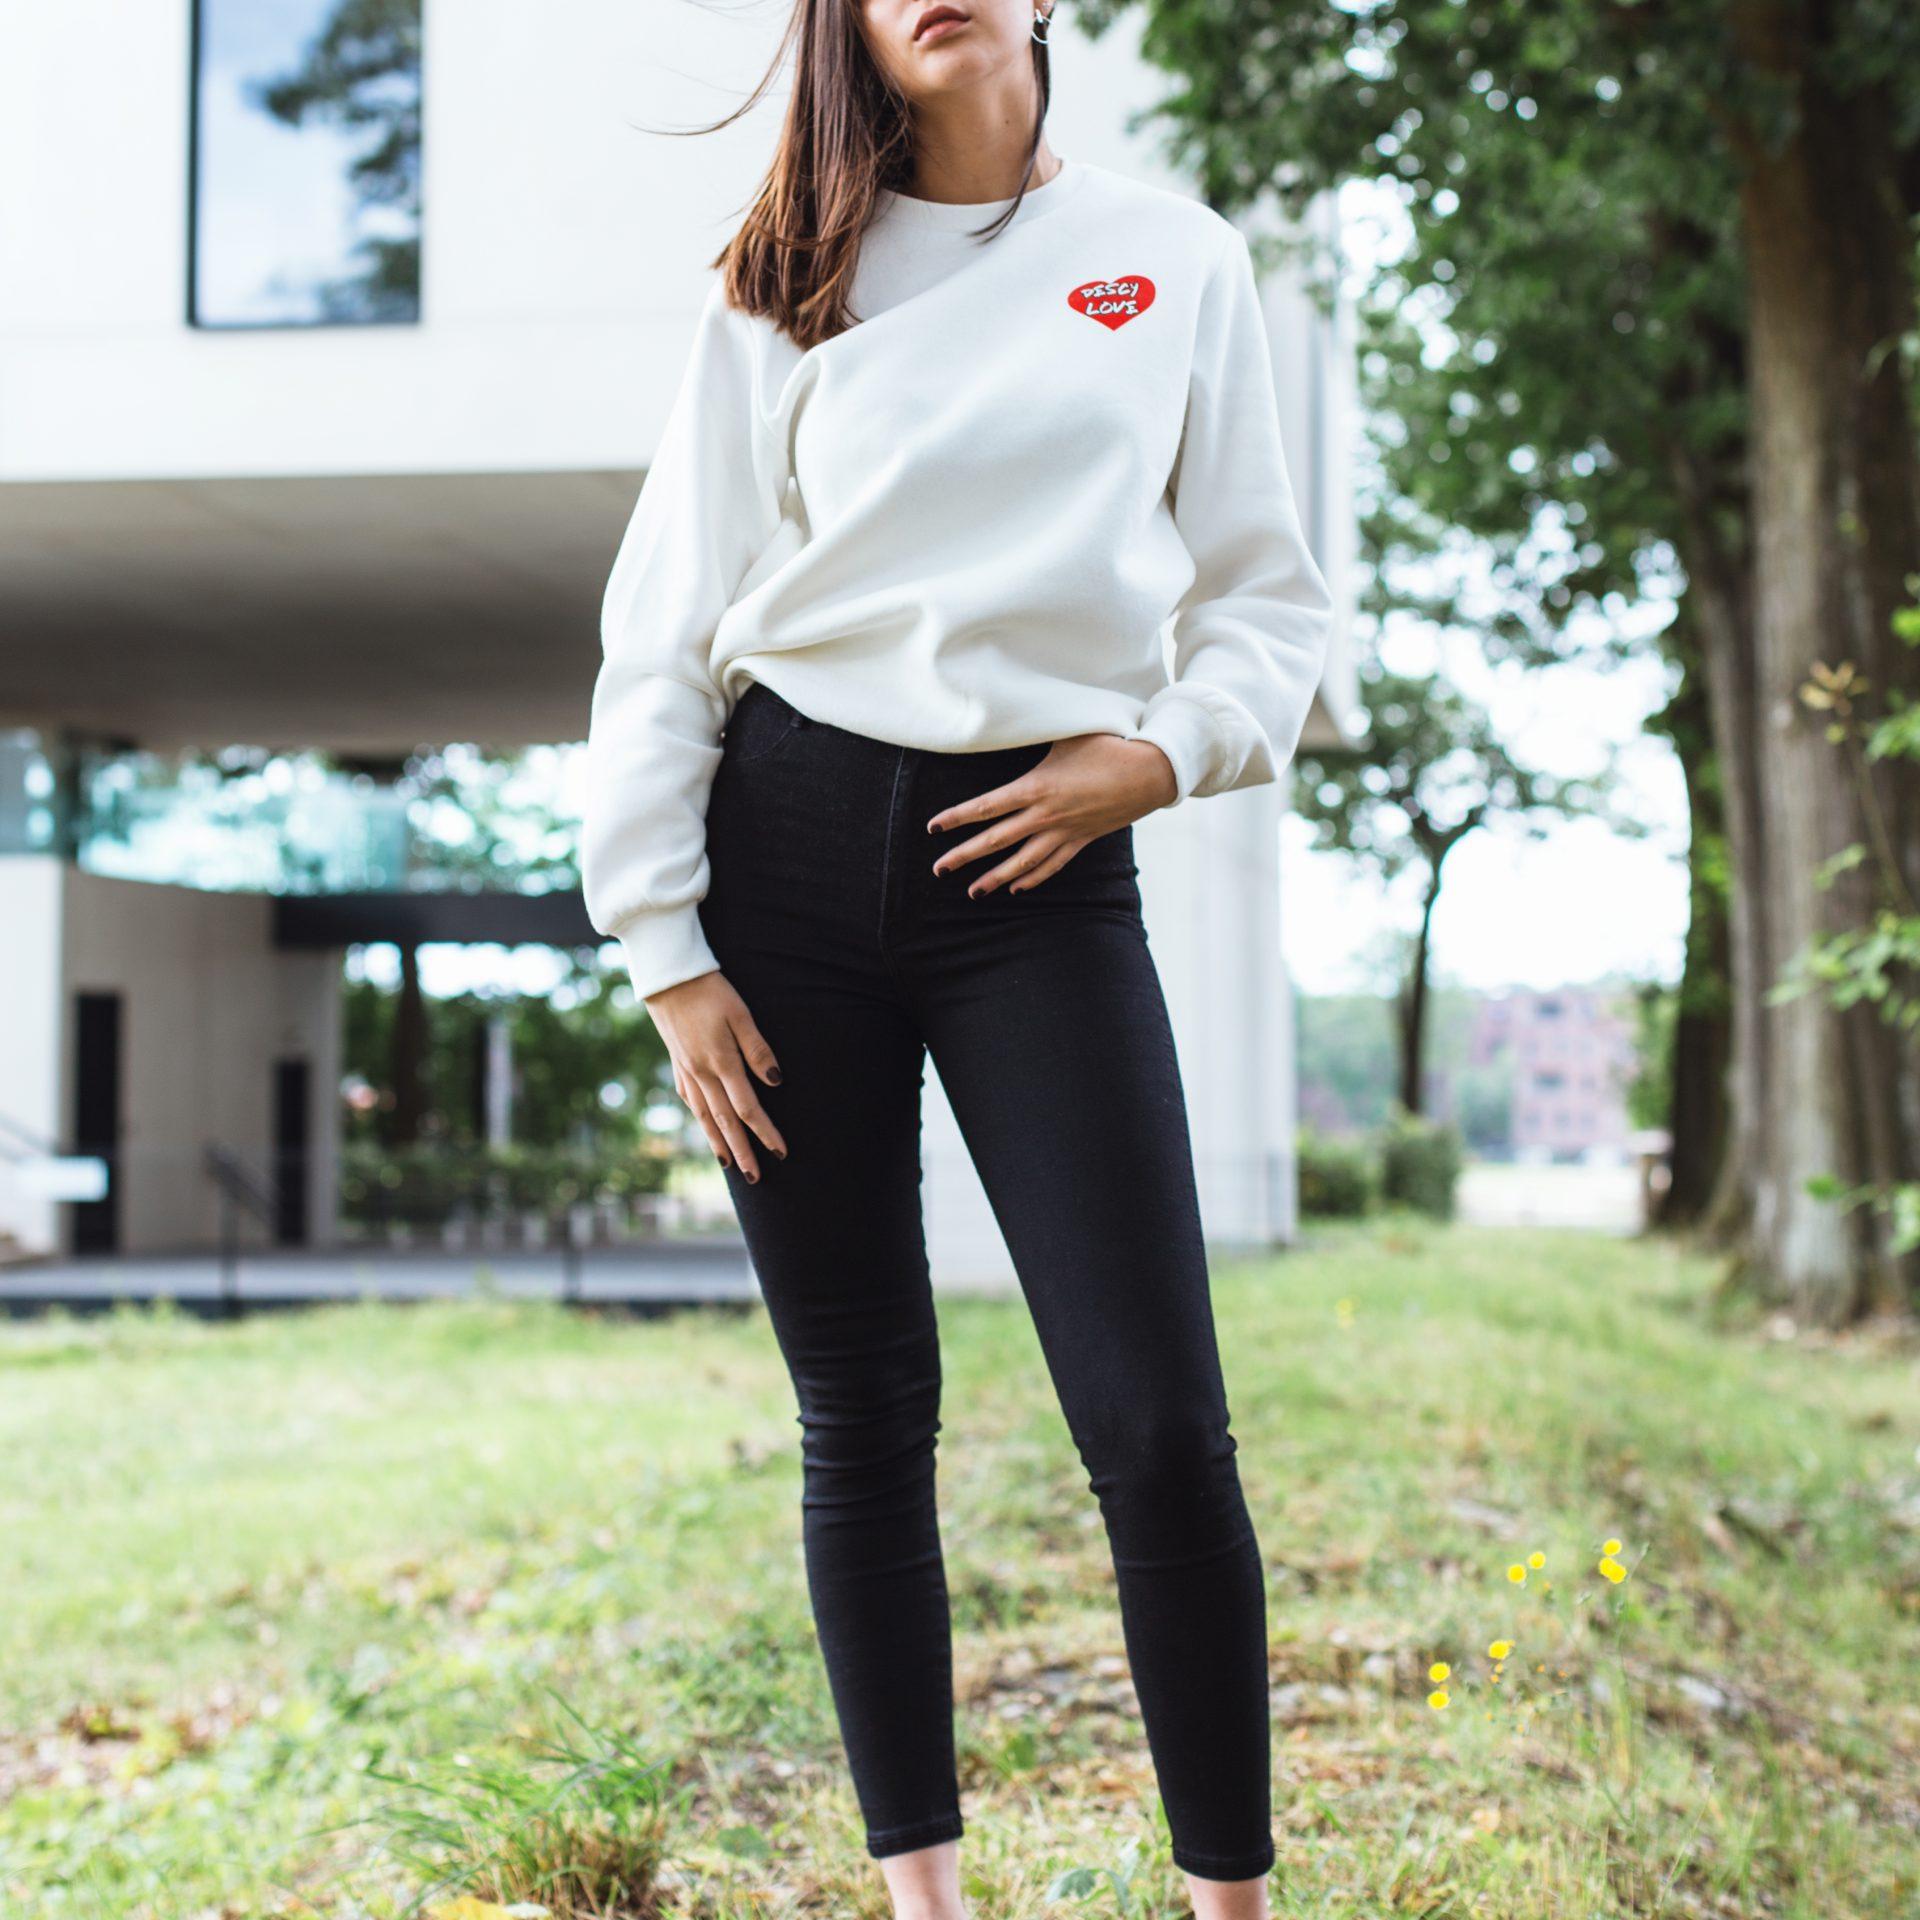 DESCY Love Sweater Off White Unisex